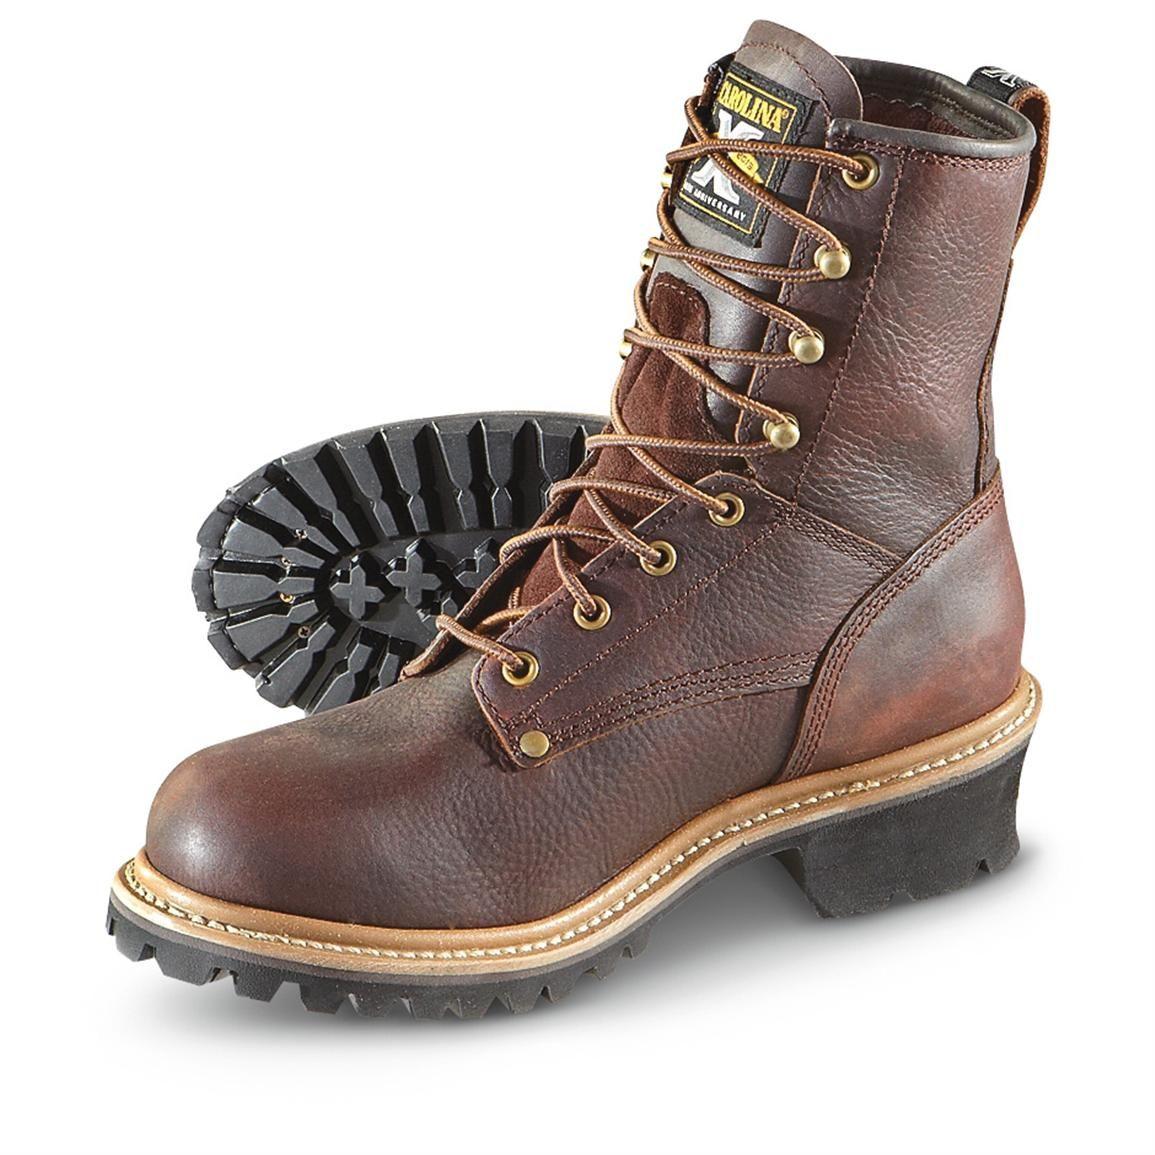 8eaa4d44eb6 men's+boots+images | ... Men's Boots & Shoes / Work Boots / Men's ...